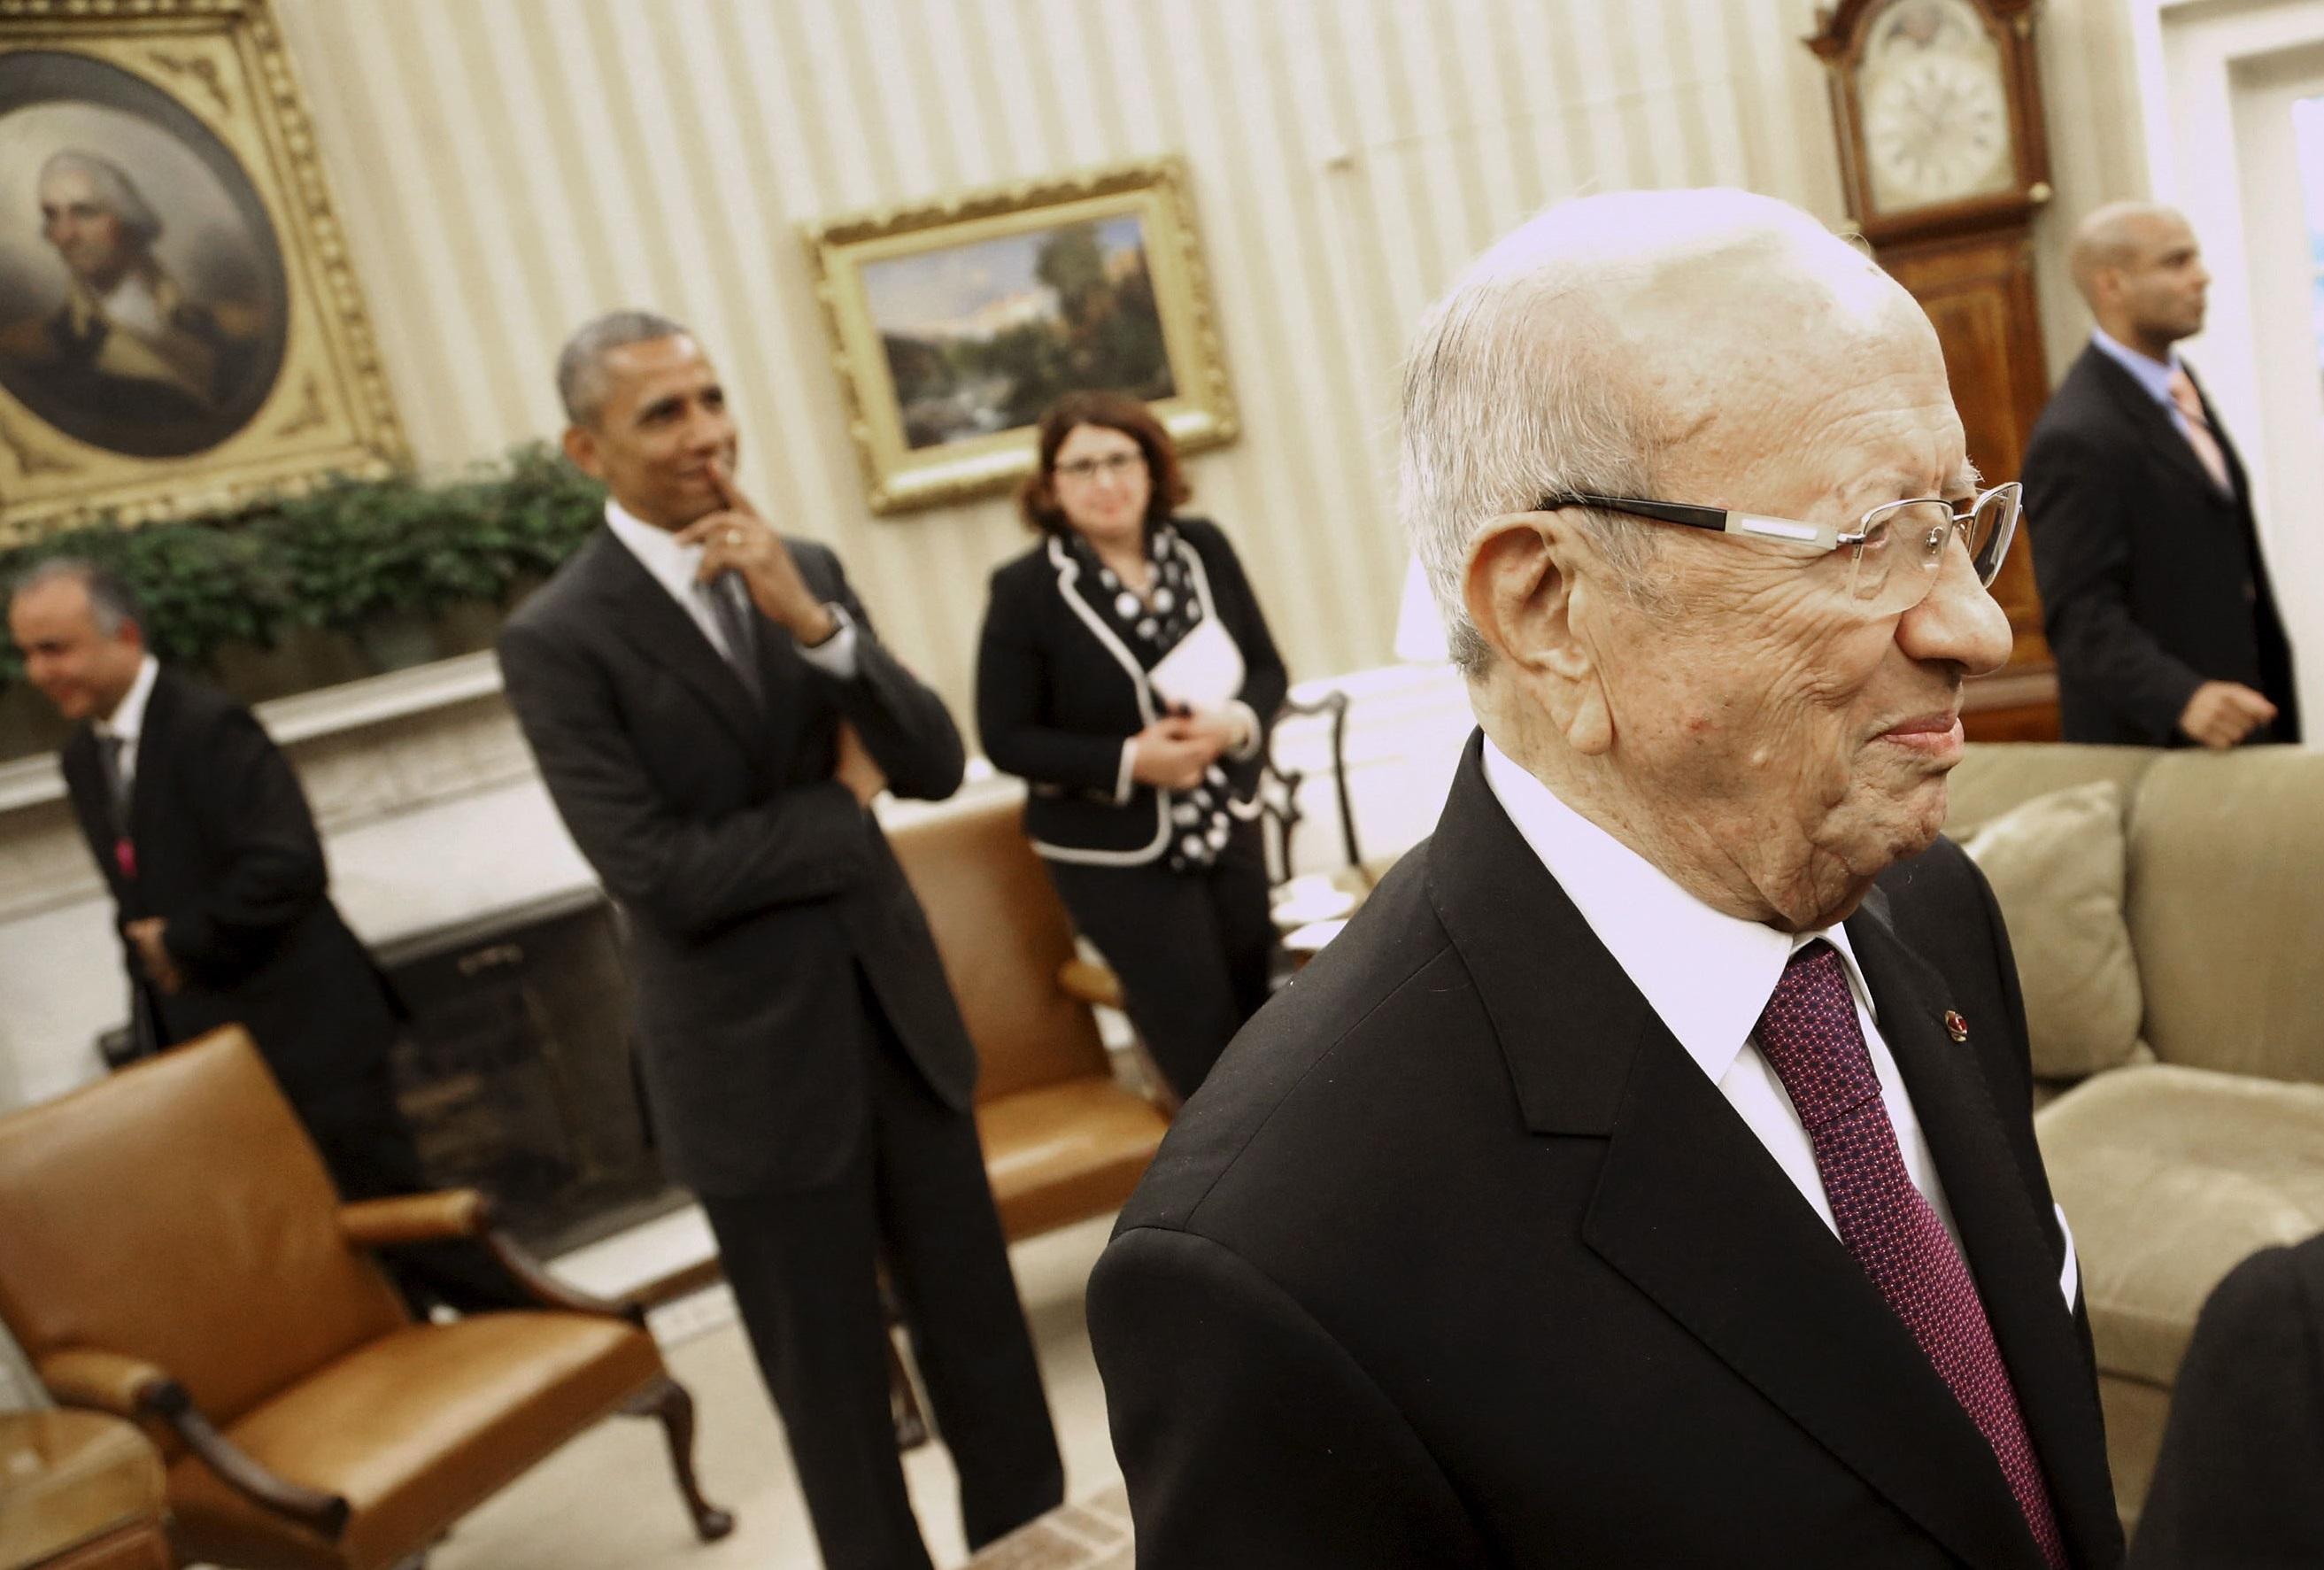 Le président tunisien Béji Caïd Sebsi reçu à la Maison-Blanche. D. R.